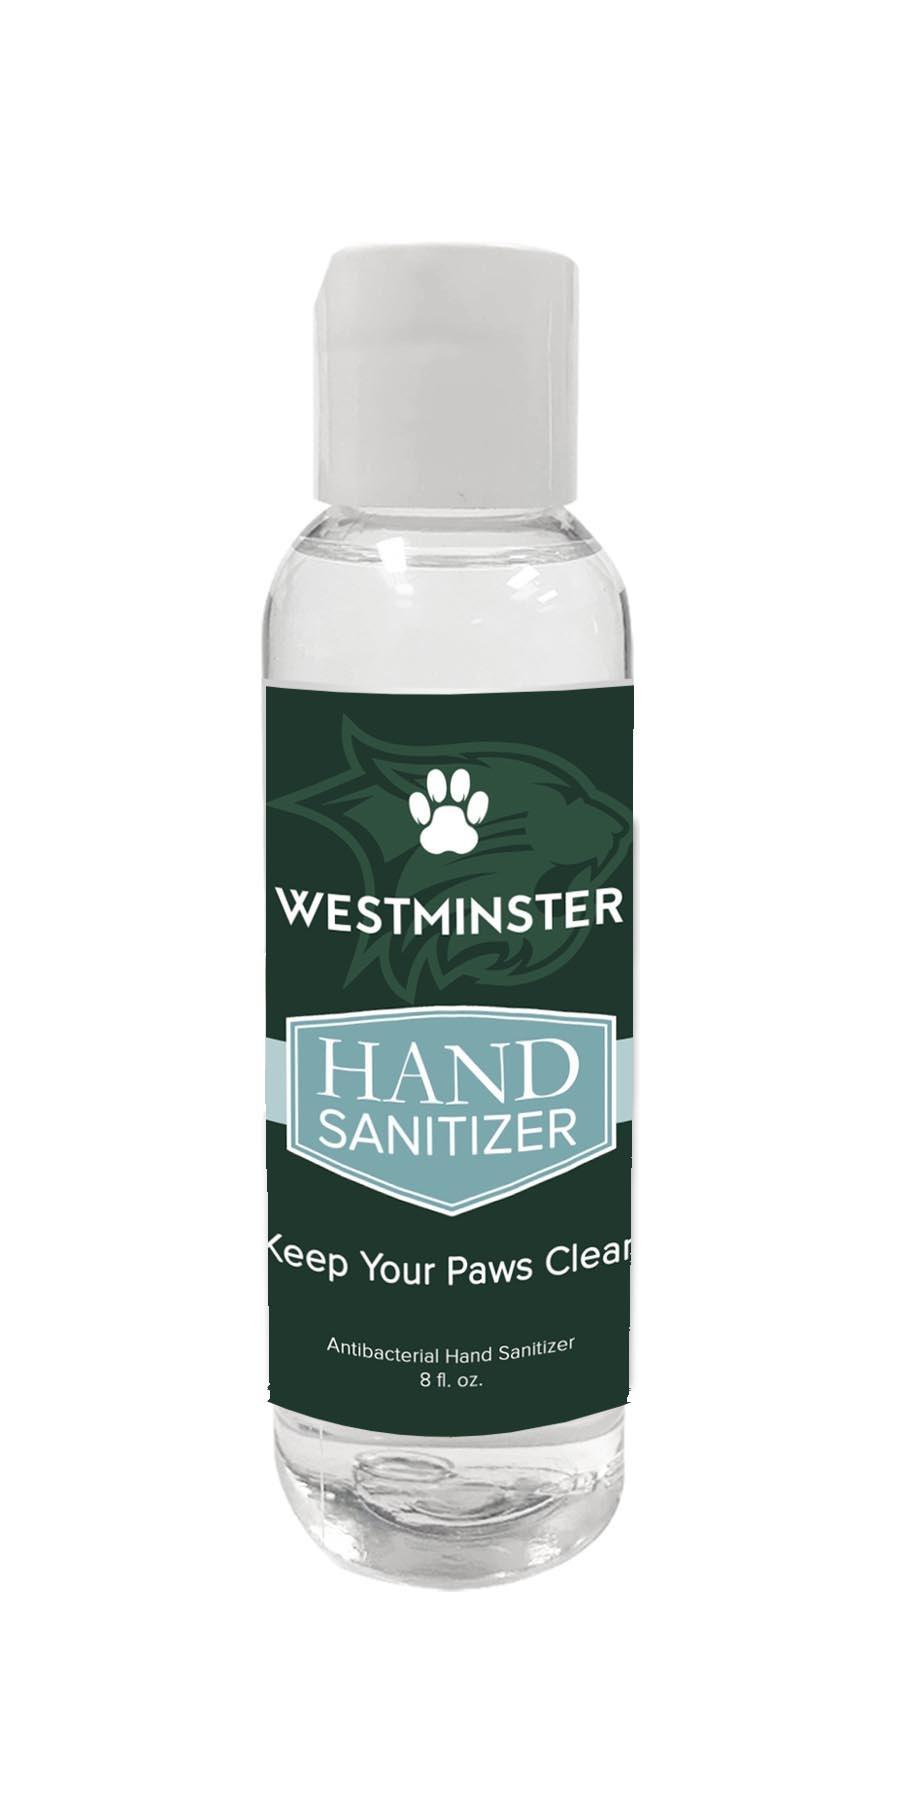 Westminster Hand Sanitizer 4 oz